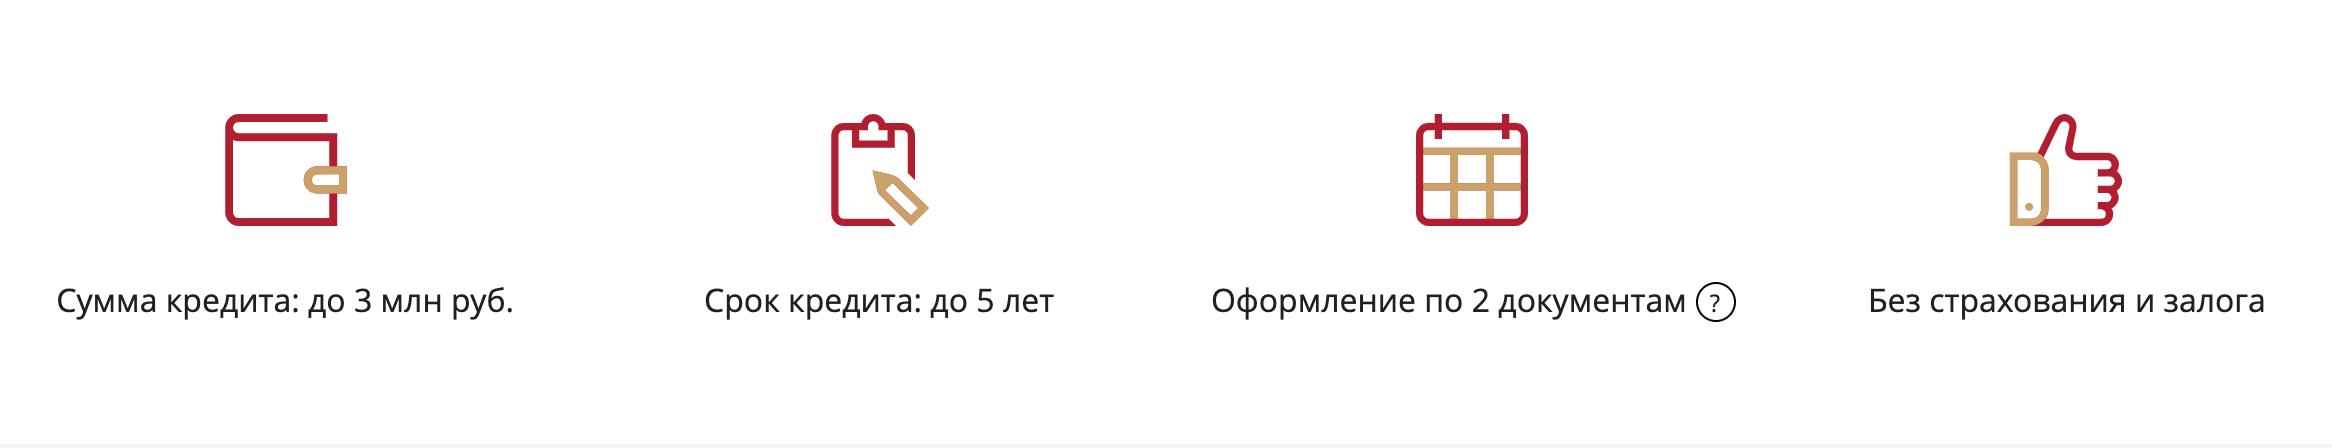 Потребительский кредит в банке Росгосстрах